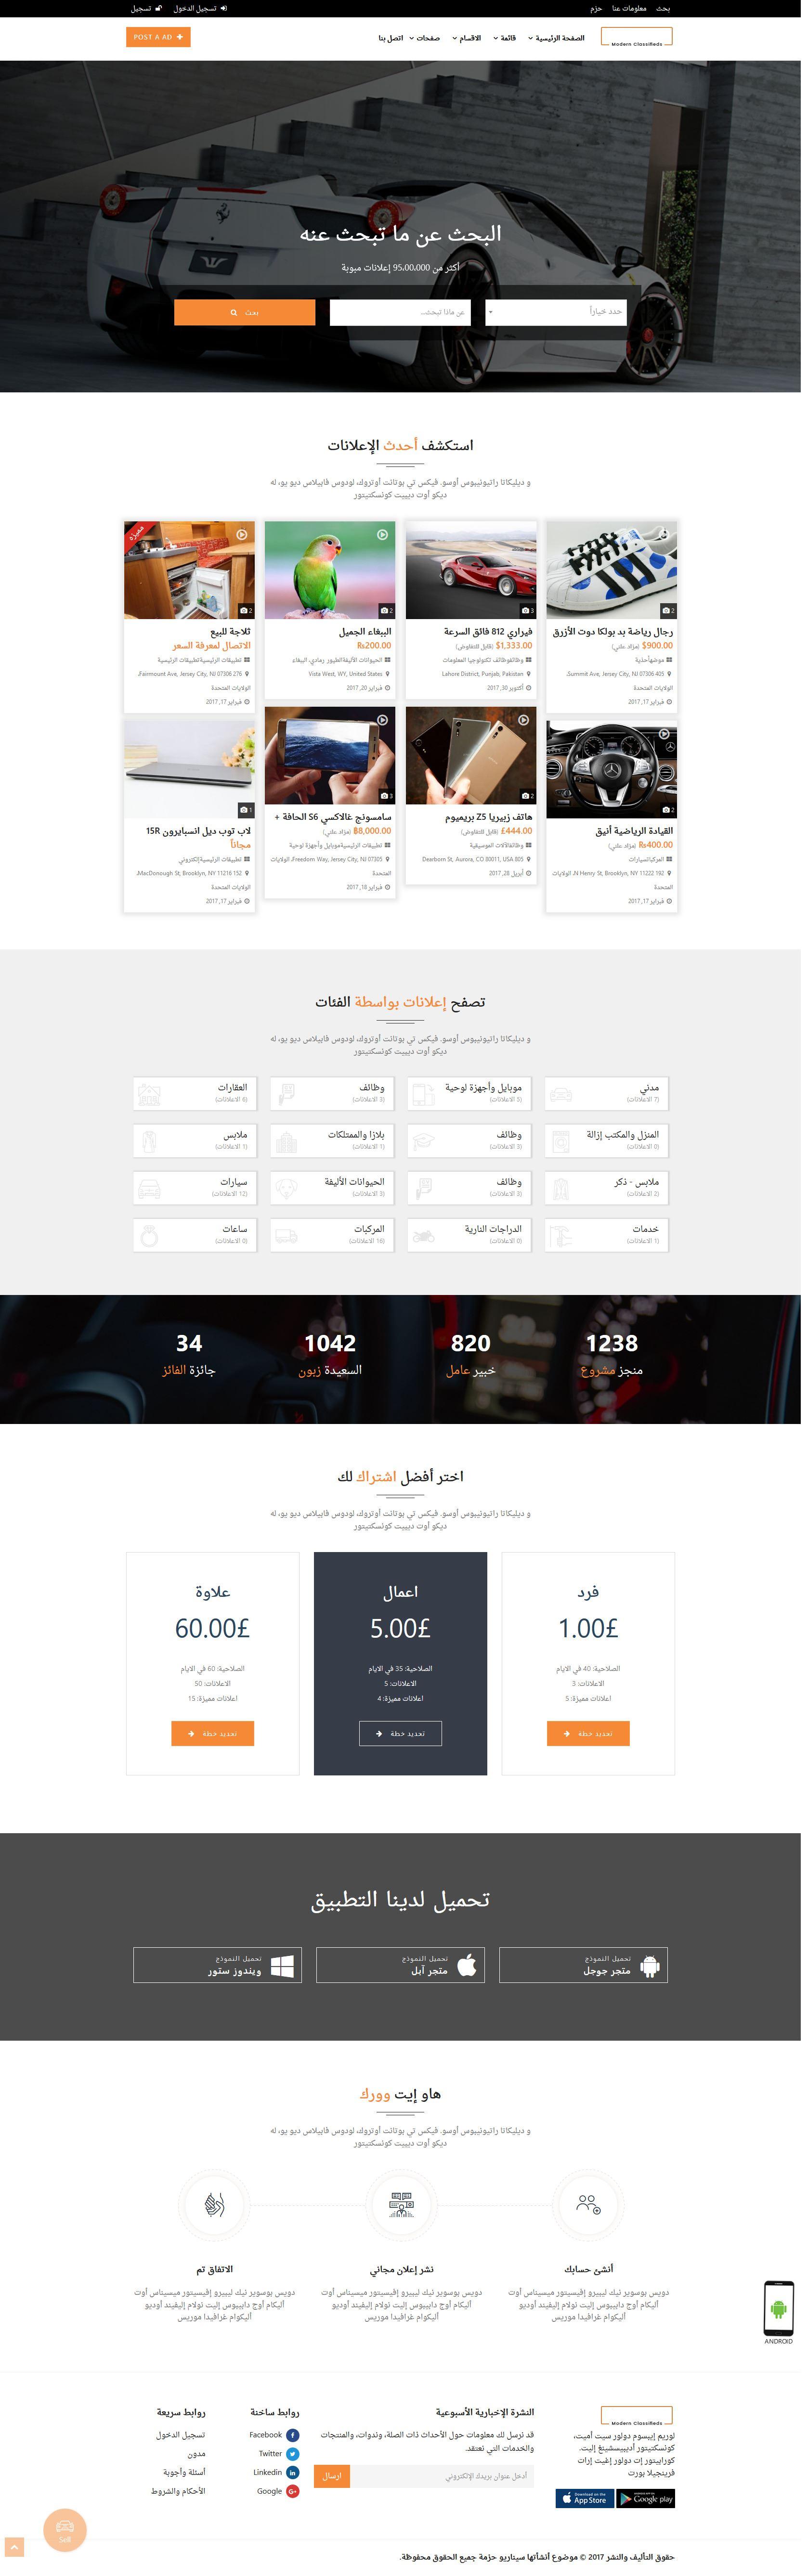 تصميم برنامج موقع سوق تسوق تسويق اعلانات مبوبة - صفحة موقع واجهة شاملة تصنيفات وعروض اعلانية 14